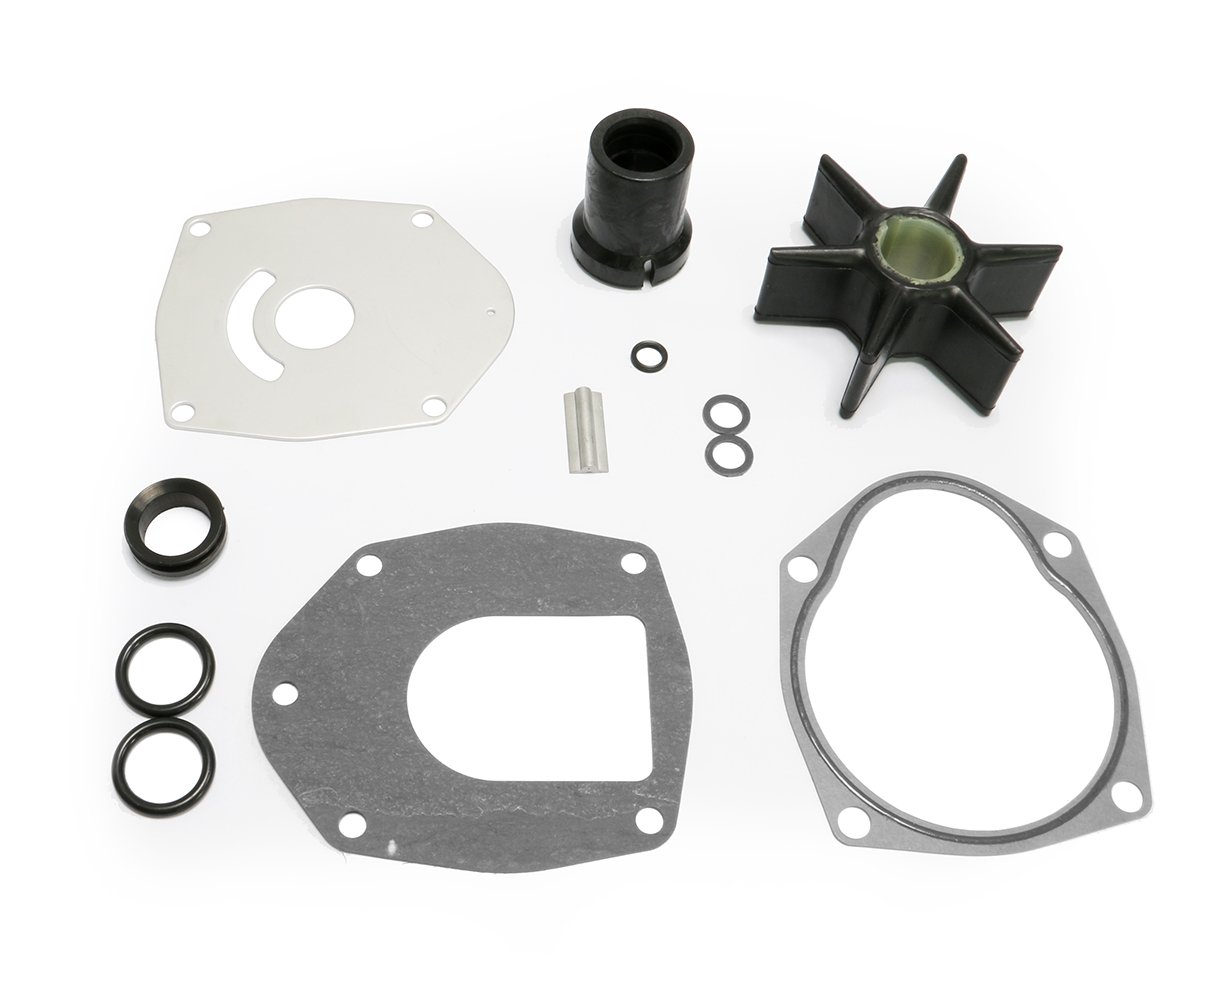 Full Power Plus Impeller Rebuild Kit Replacement For Mariner Mercury Mercruiser Alpha One Gen 2 47-43026Q06 40-250 HP Sierra 18-3214